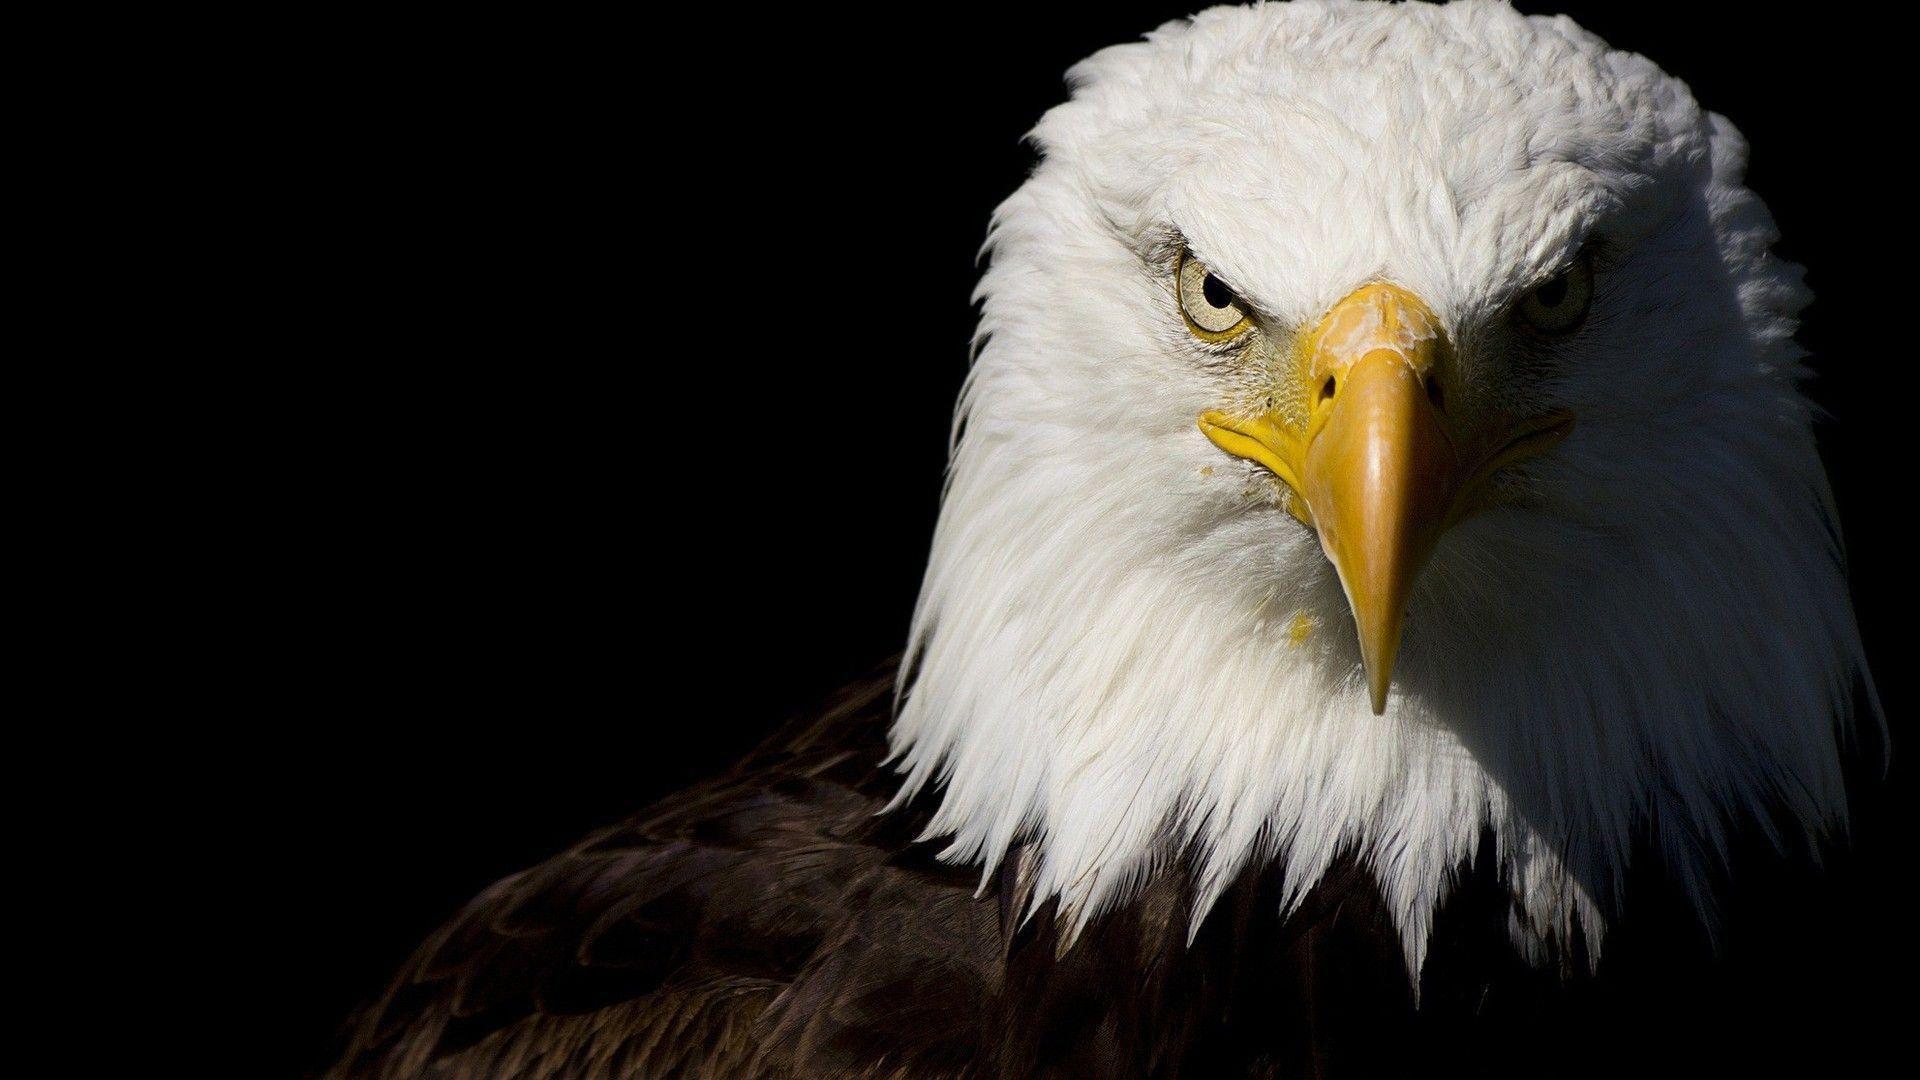 Bald Eagle Hd Wallpapers Top Free Bald Eagle Hd